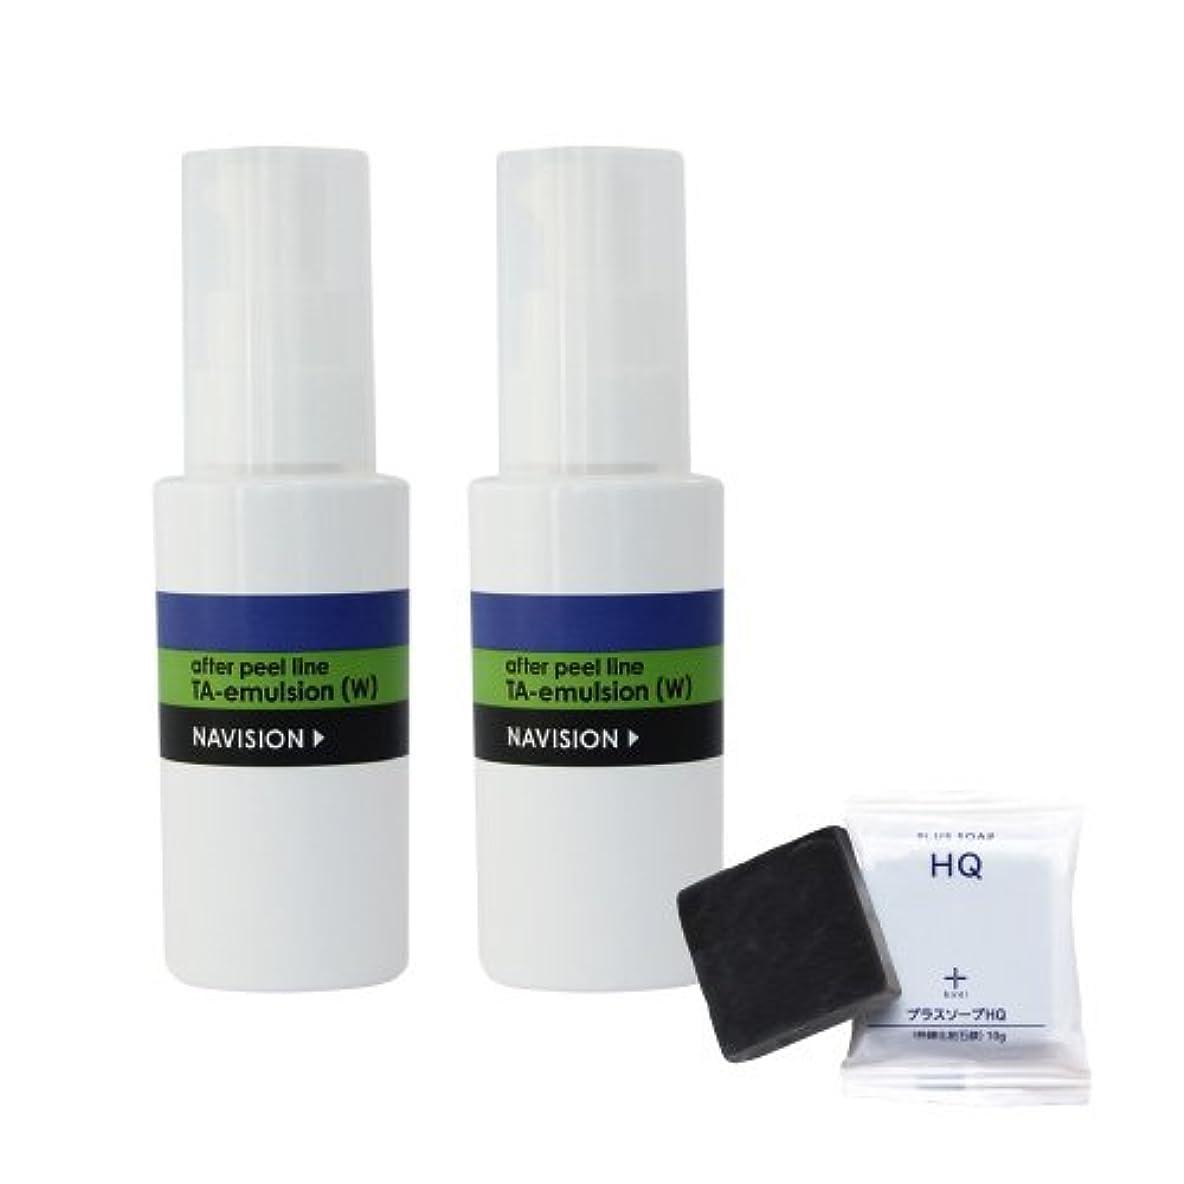 プリーツ削る有用ナビジョン NAVISION TAエマルジョン(W)(医薬部外品) 2本 + プラスソープHQミニ